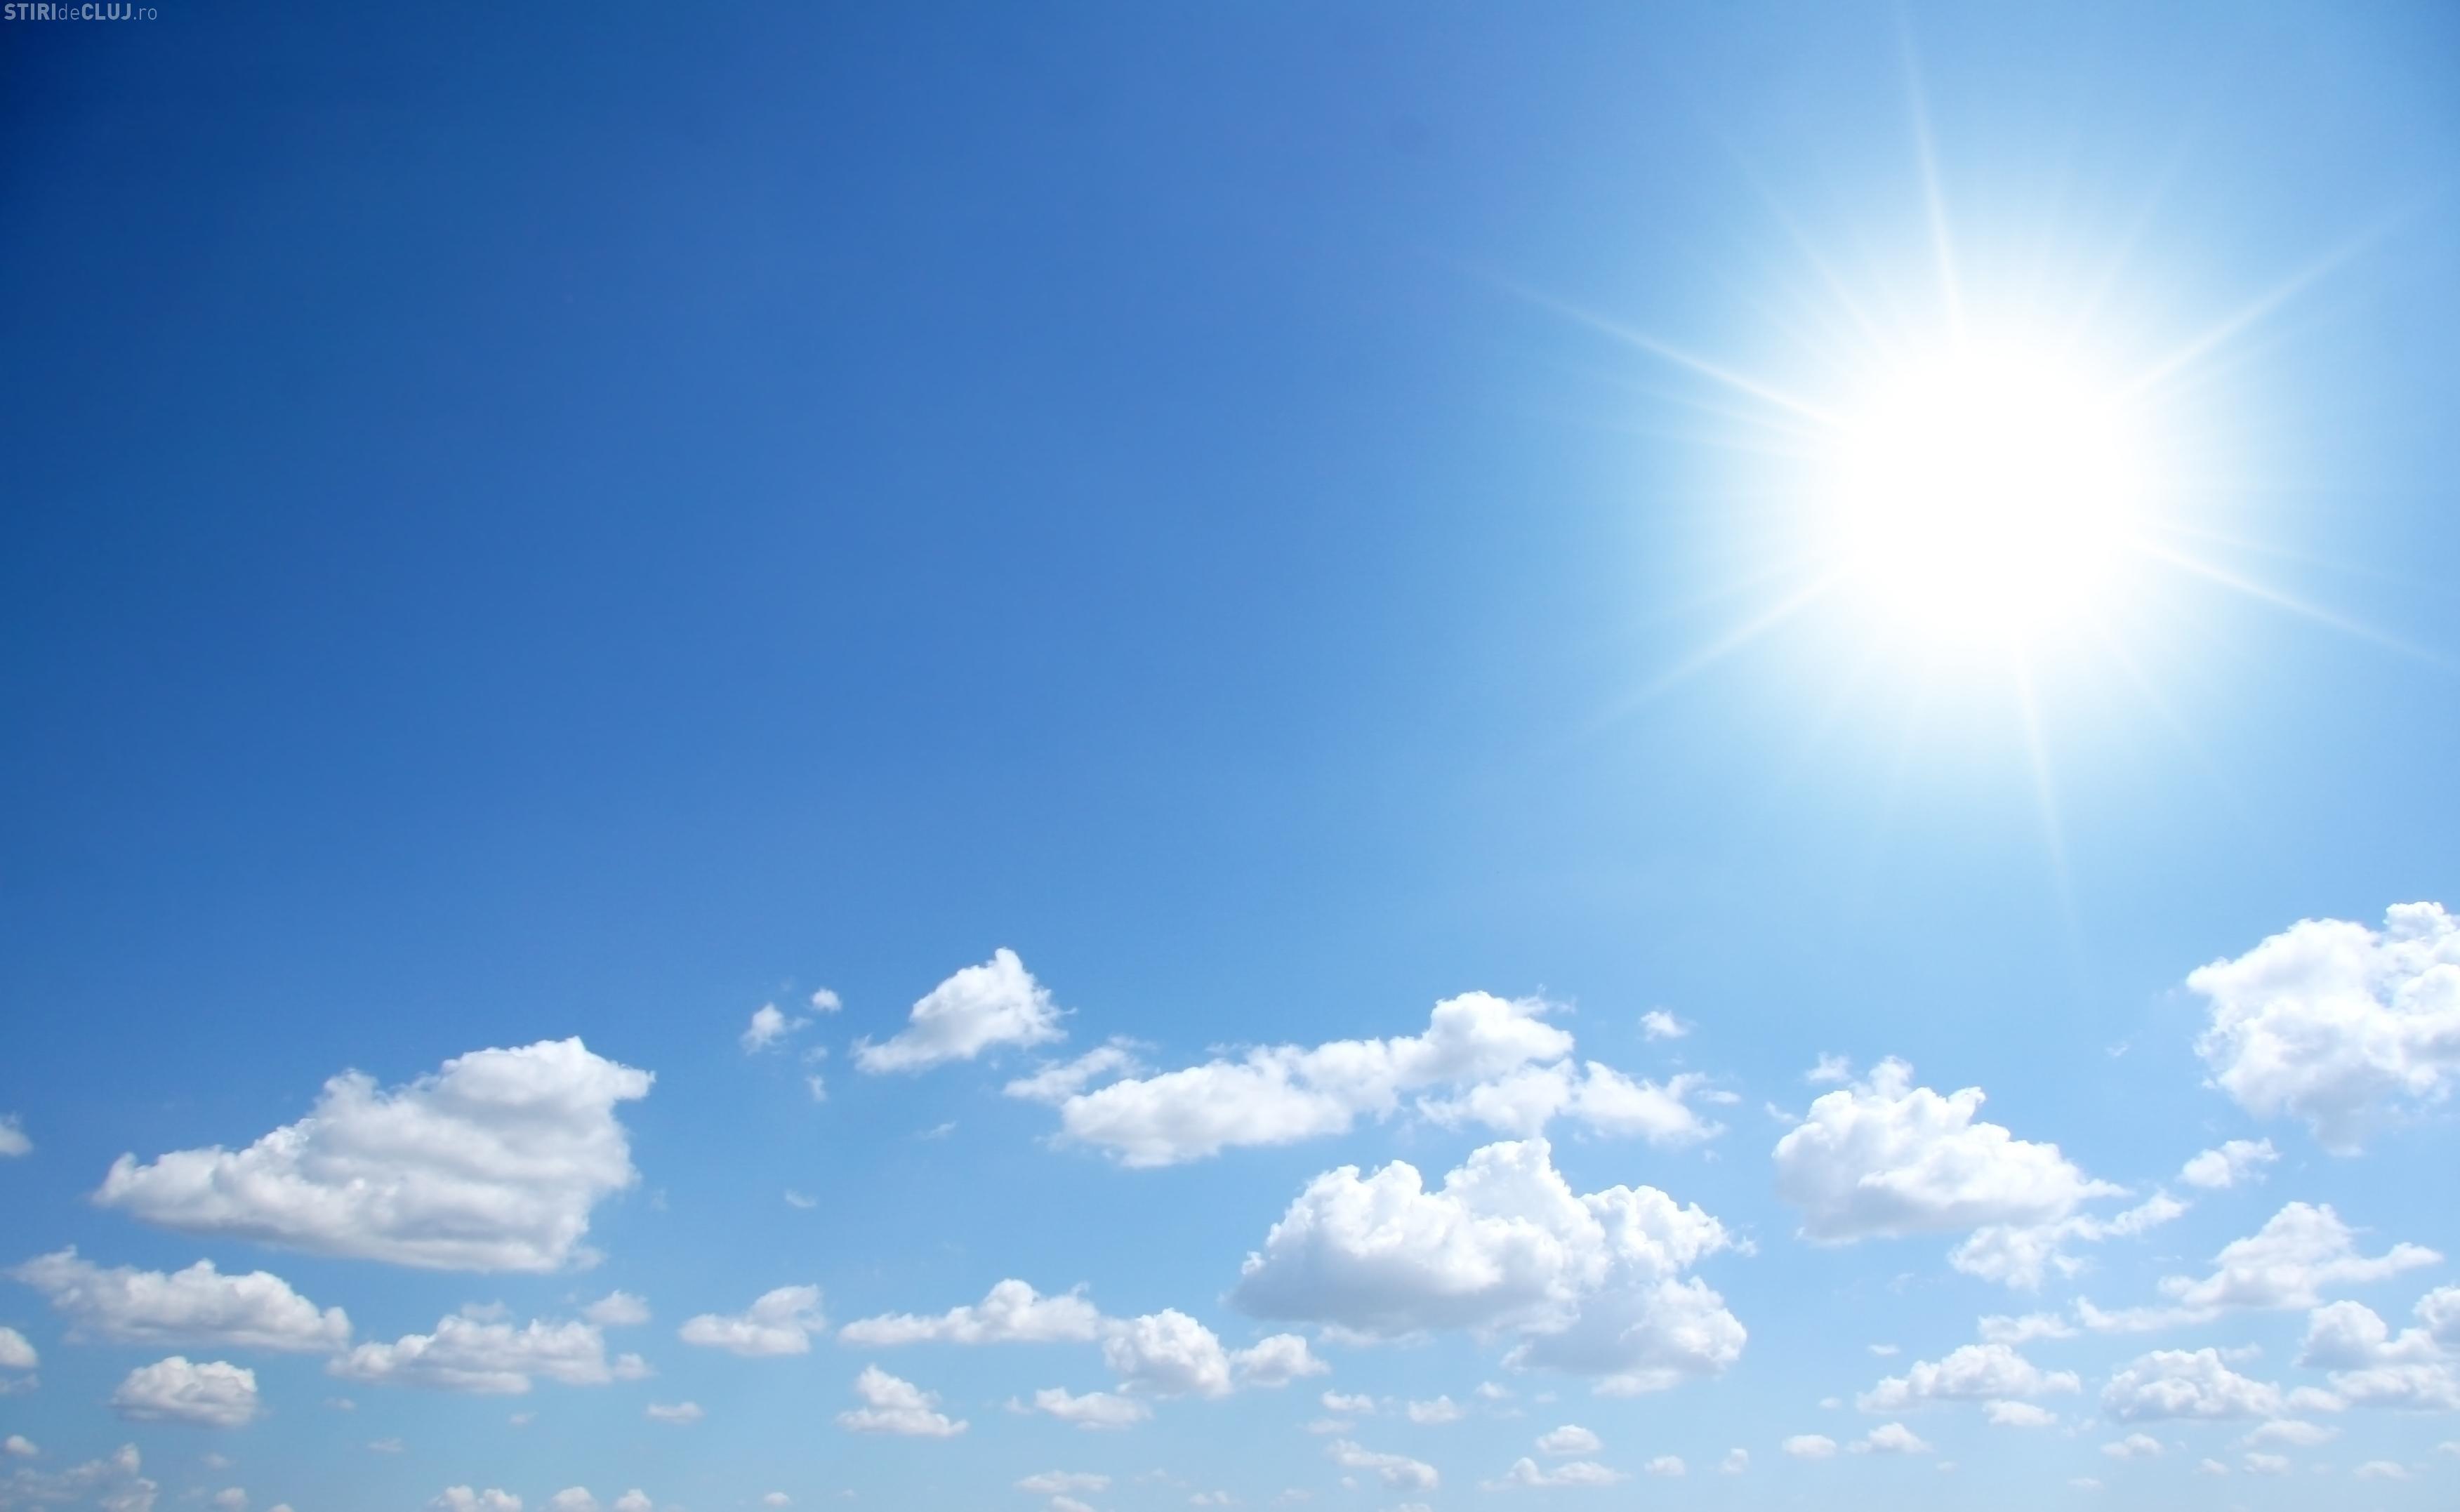 Prognoza meteo pe două săptămâni. Cum va fi vremea până în 19 august